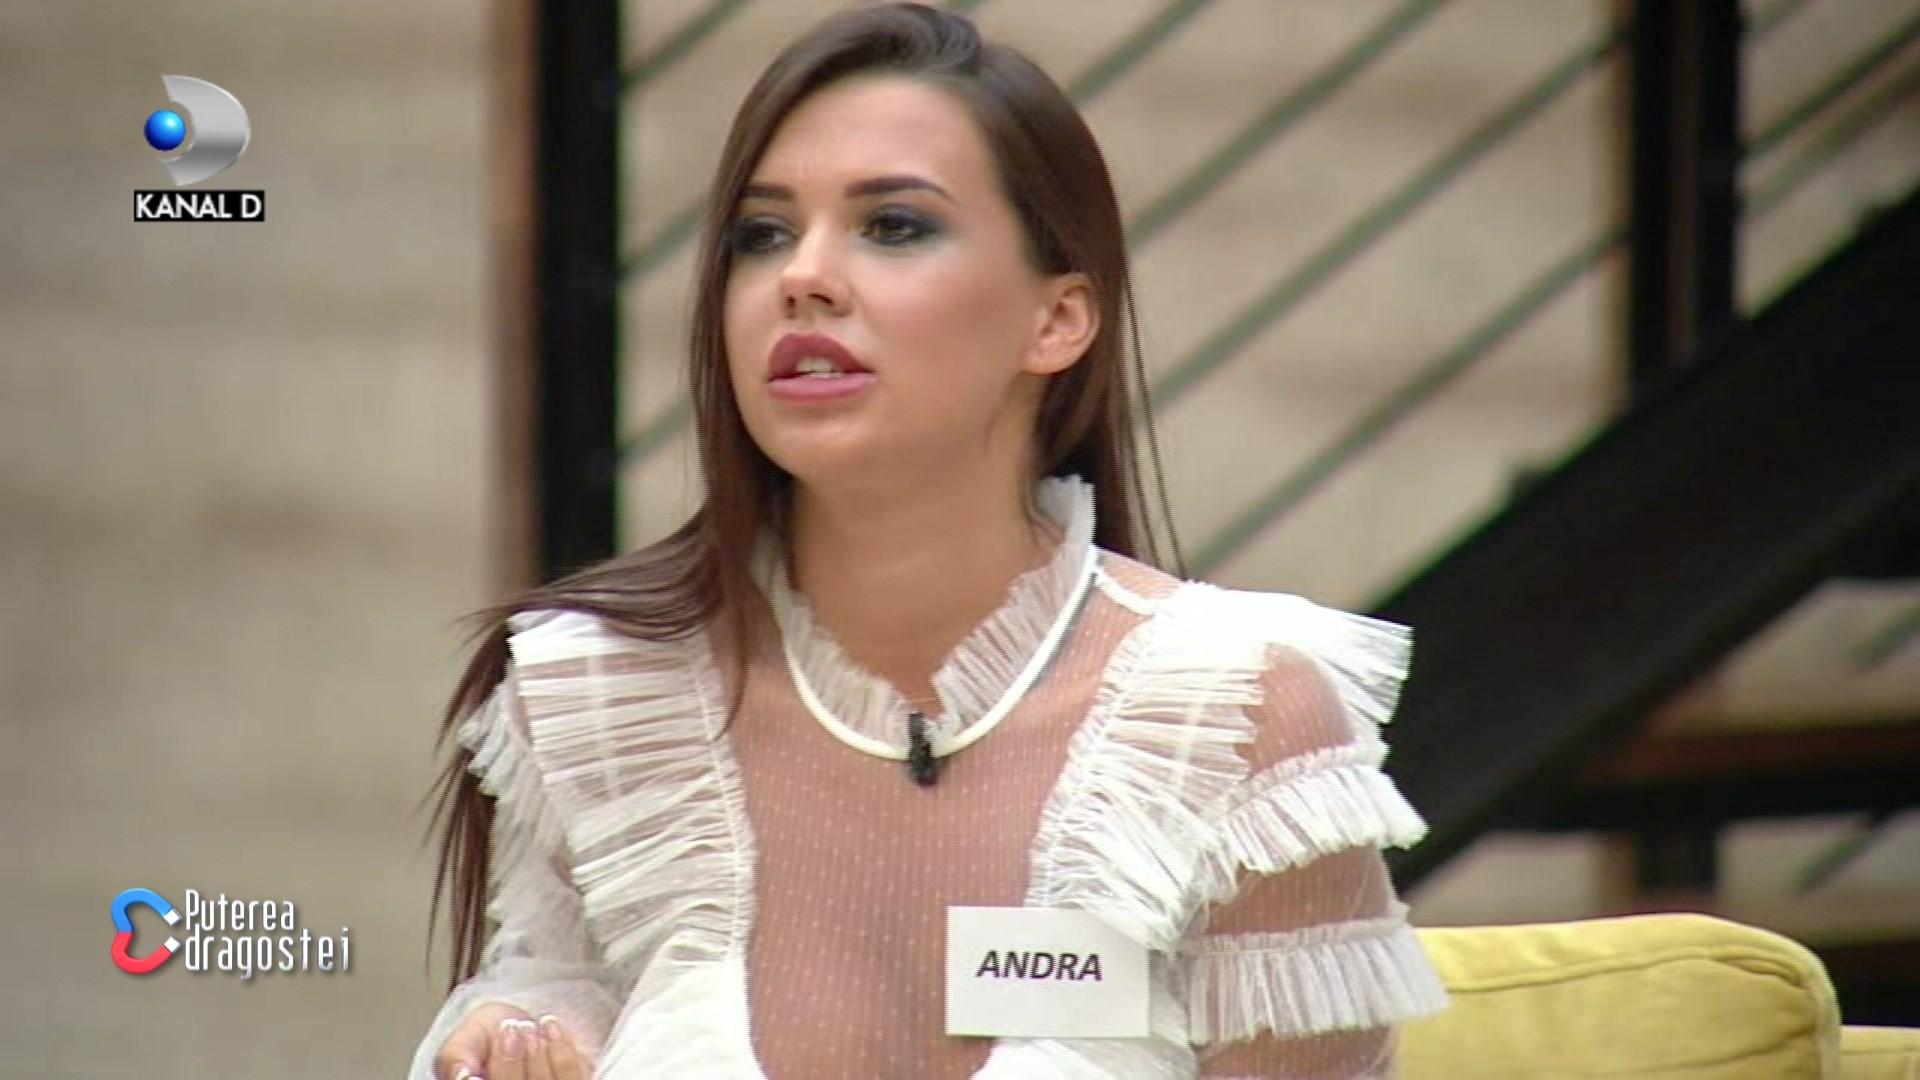 Prima reactie a Andrei Volos dupa scandalul declansat de Hamude! Ce replica i-a dat dupa ce el a acuzat-o ca e falsa si nerecunoscatoare!